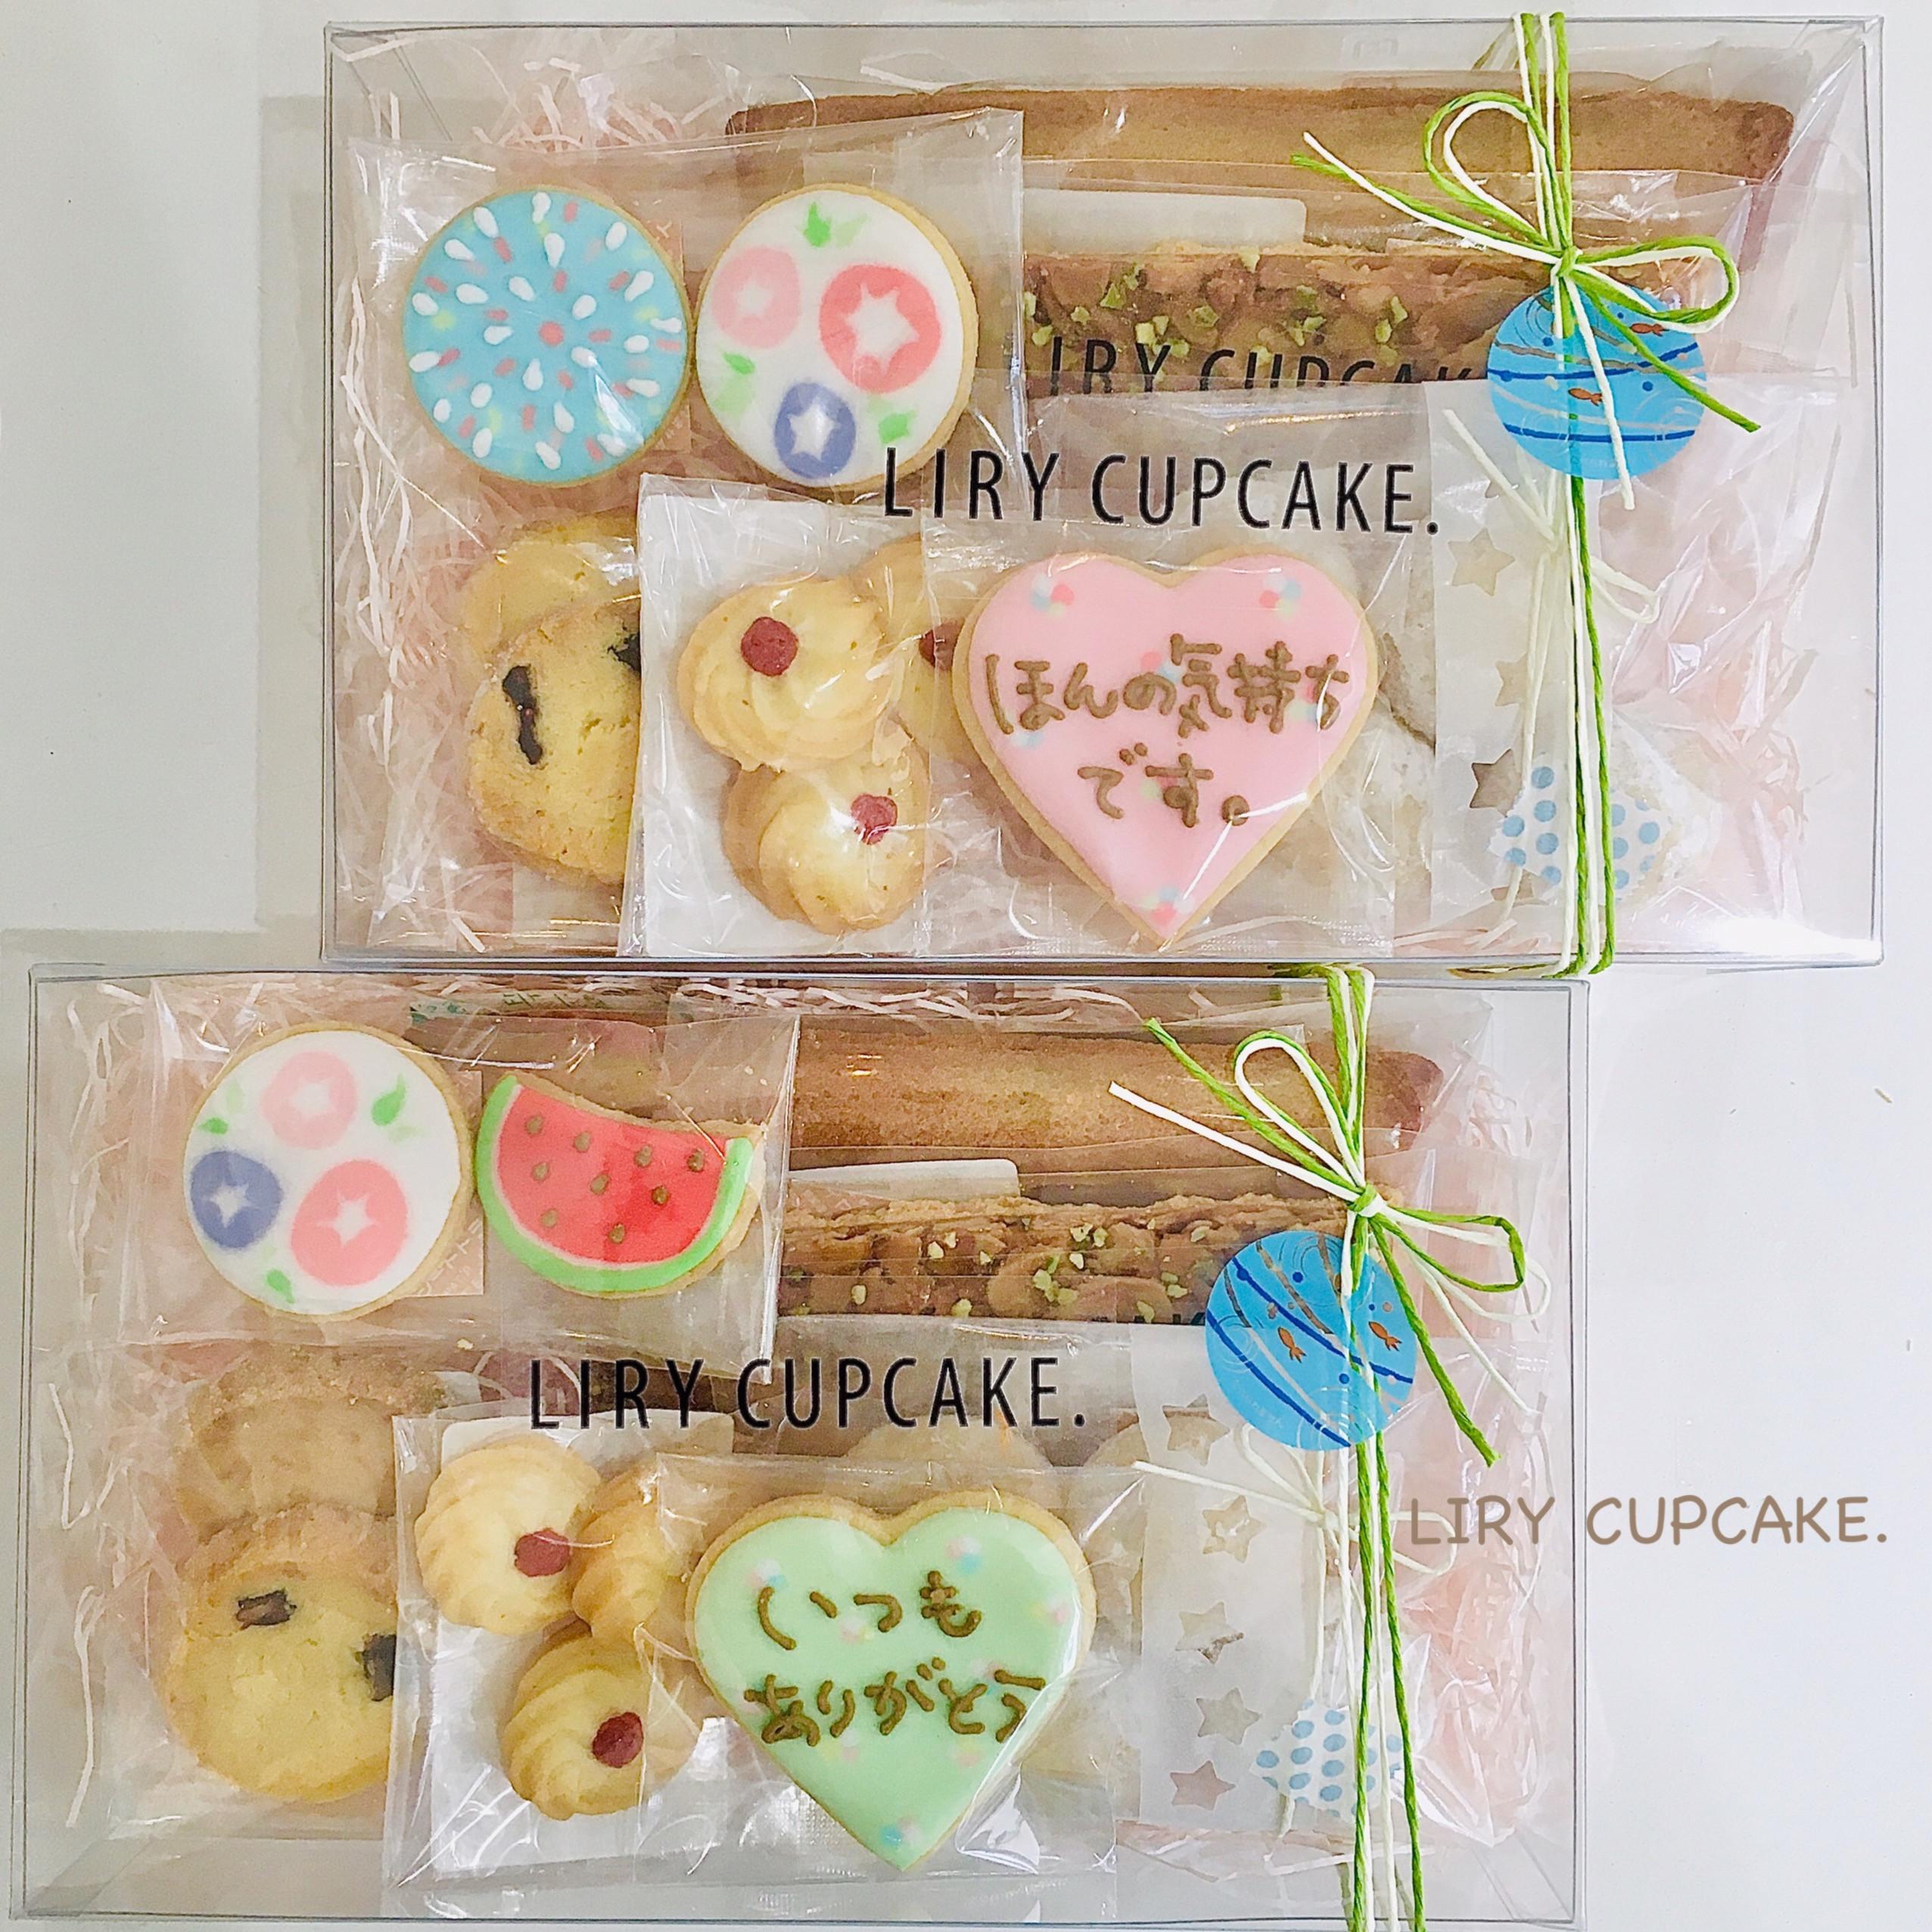 クリアBOX☆ 夏を感じるアイシングクッキーと焼菓子 ¥1800 アイシングクッキーにはメッセージつき♪ >